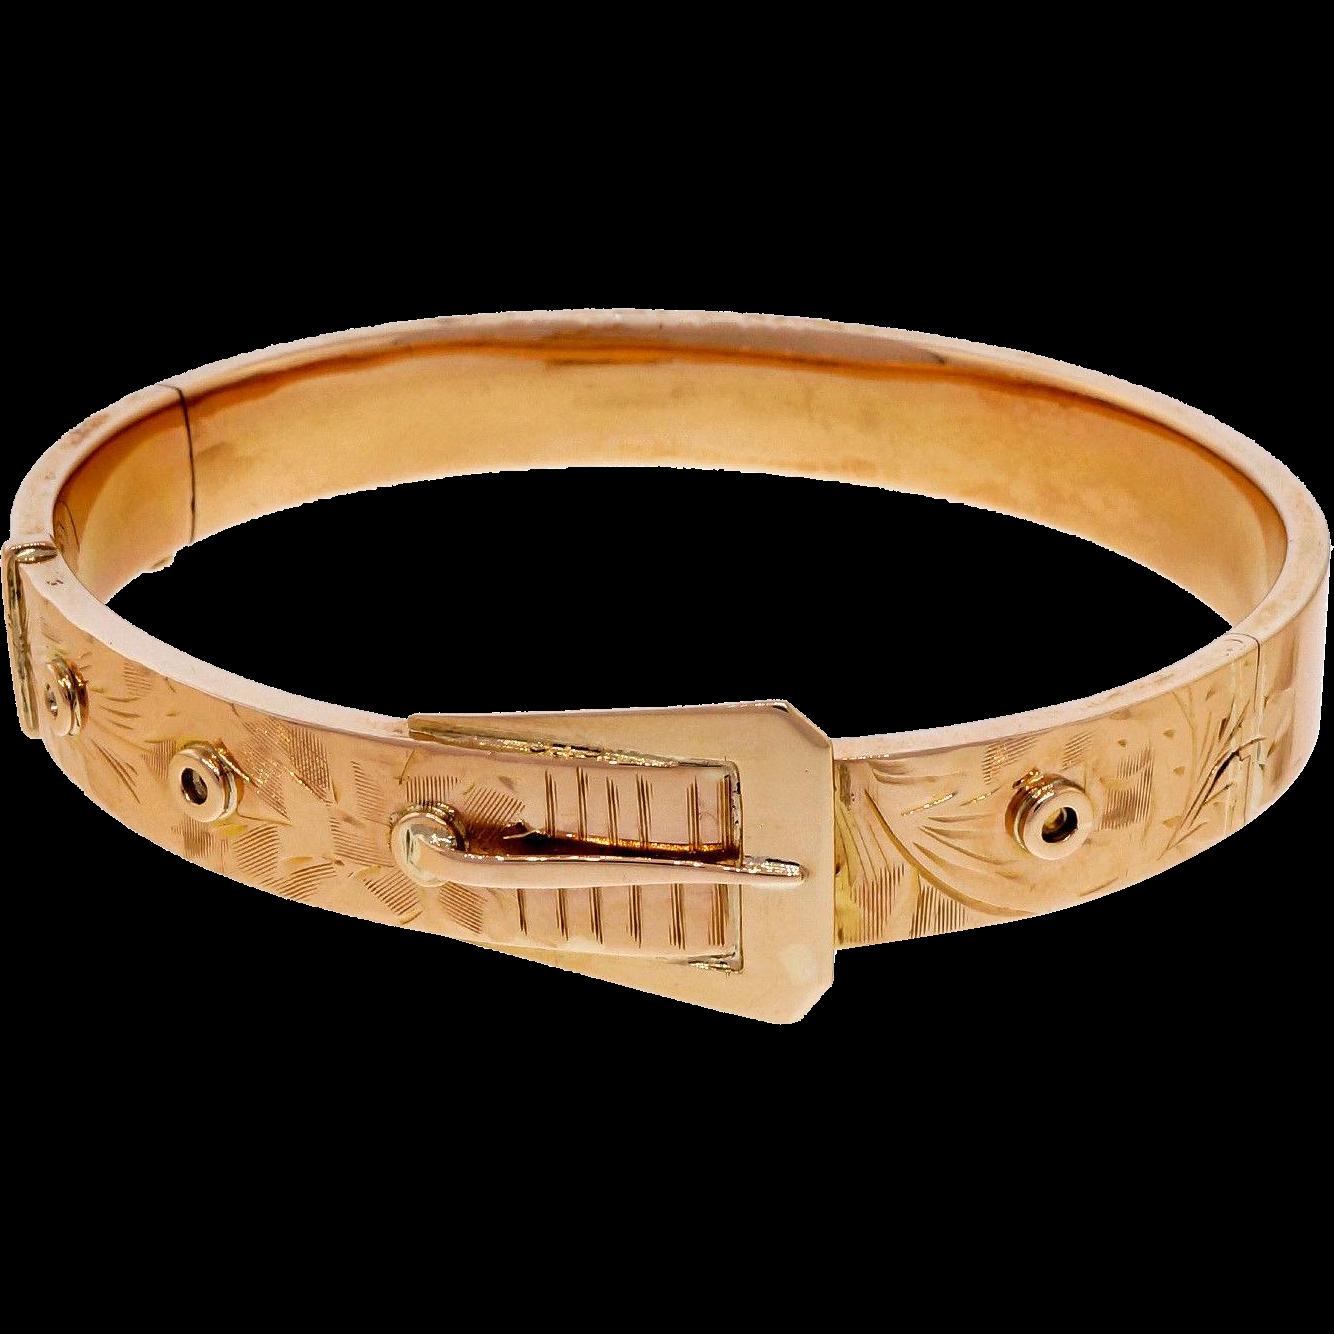 Art Deco 14 Karat Rose Gold Buckle Hinged Bangle Bracelet